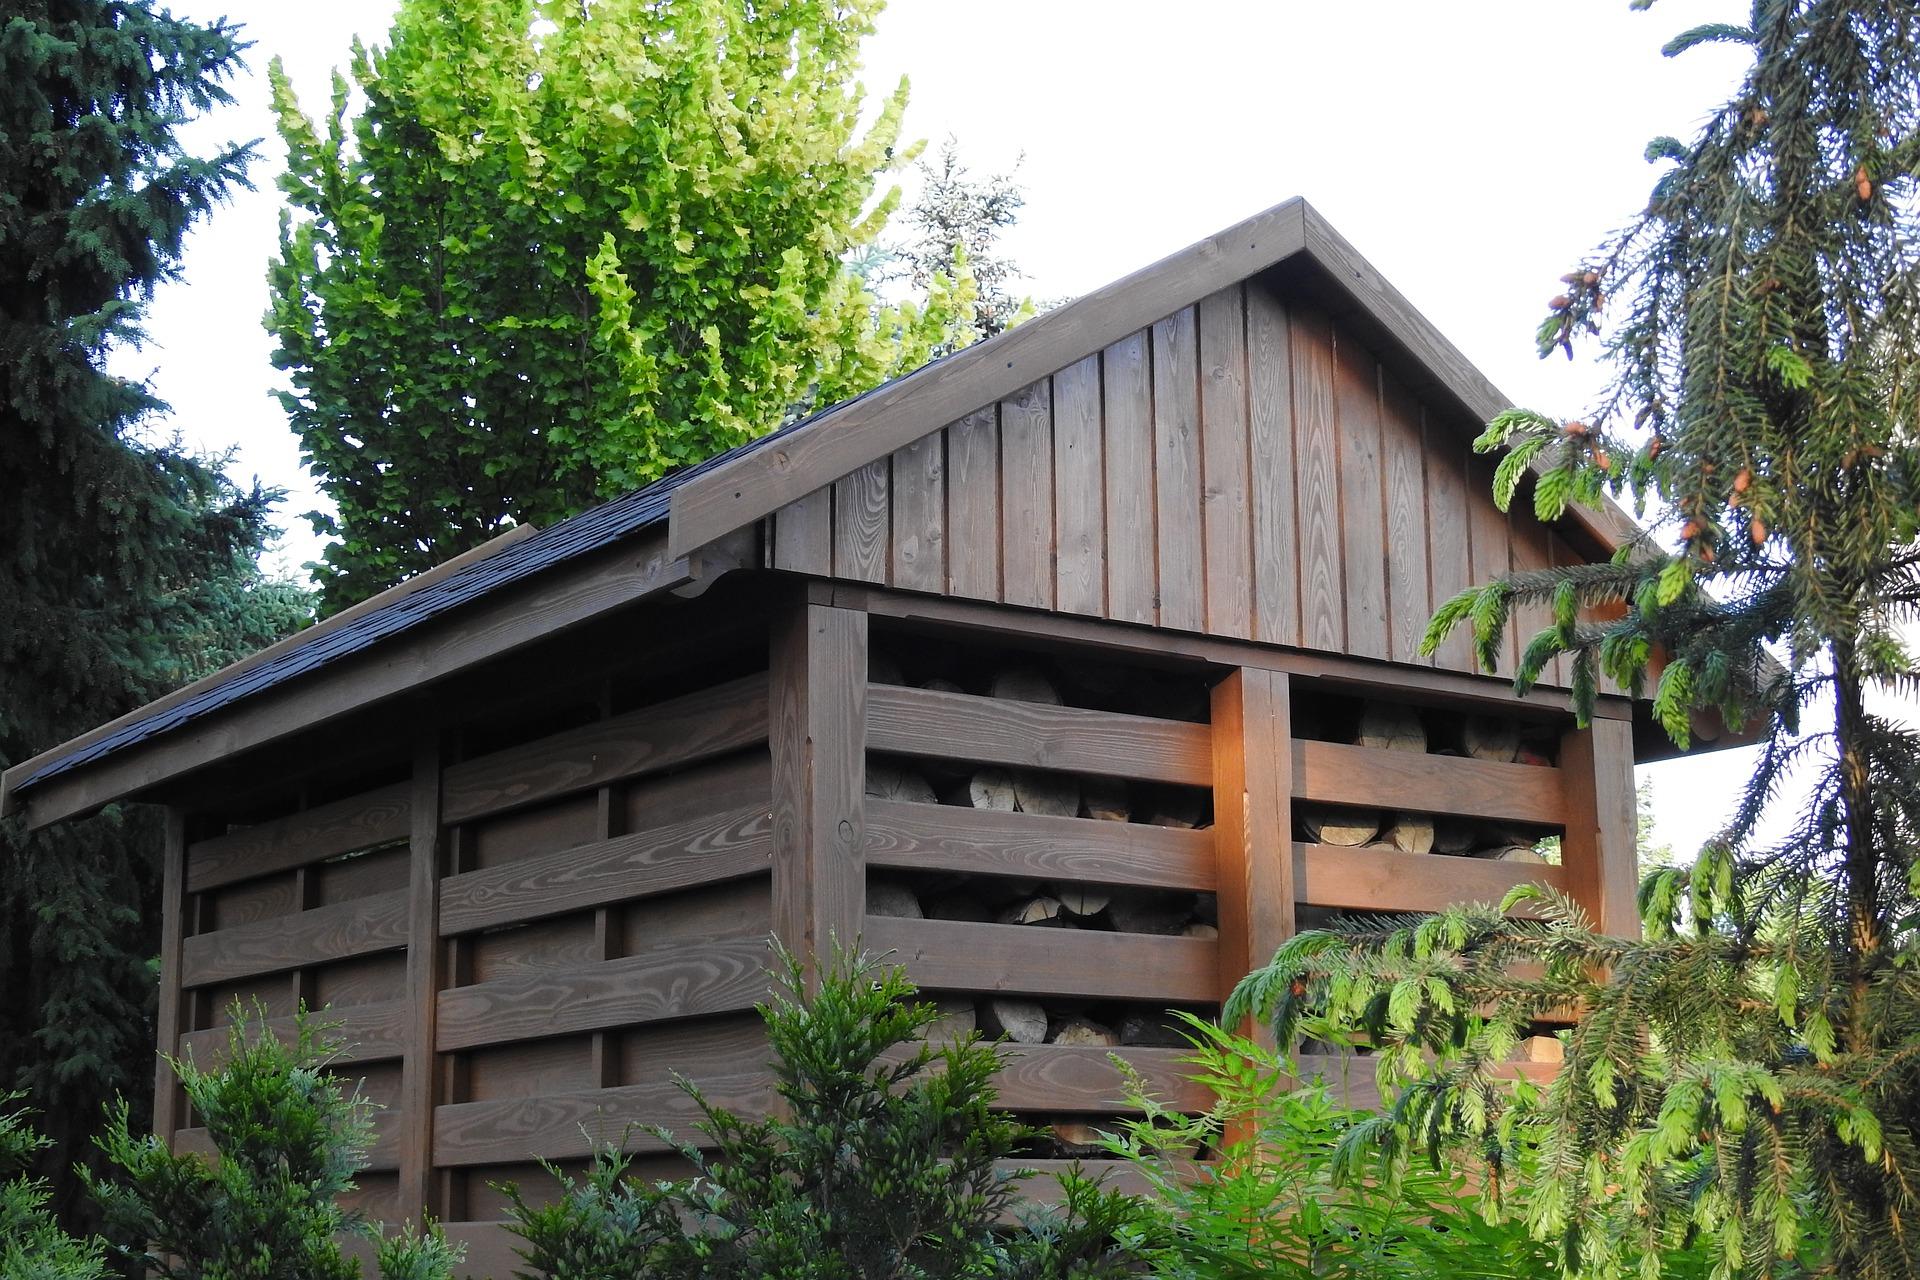 Dobierając drewutnię na drewno kominkowe, powinniśmy kierować się nie tylko jej ogólną pojemnością, ale także zwrócić uwagę na poszczególne wymiary - głównie na głębokość